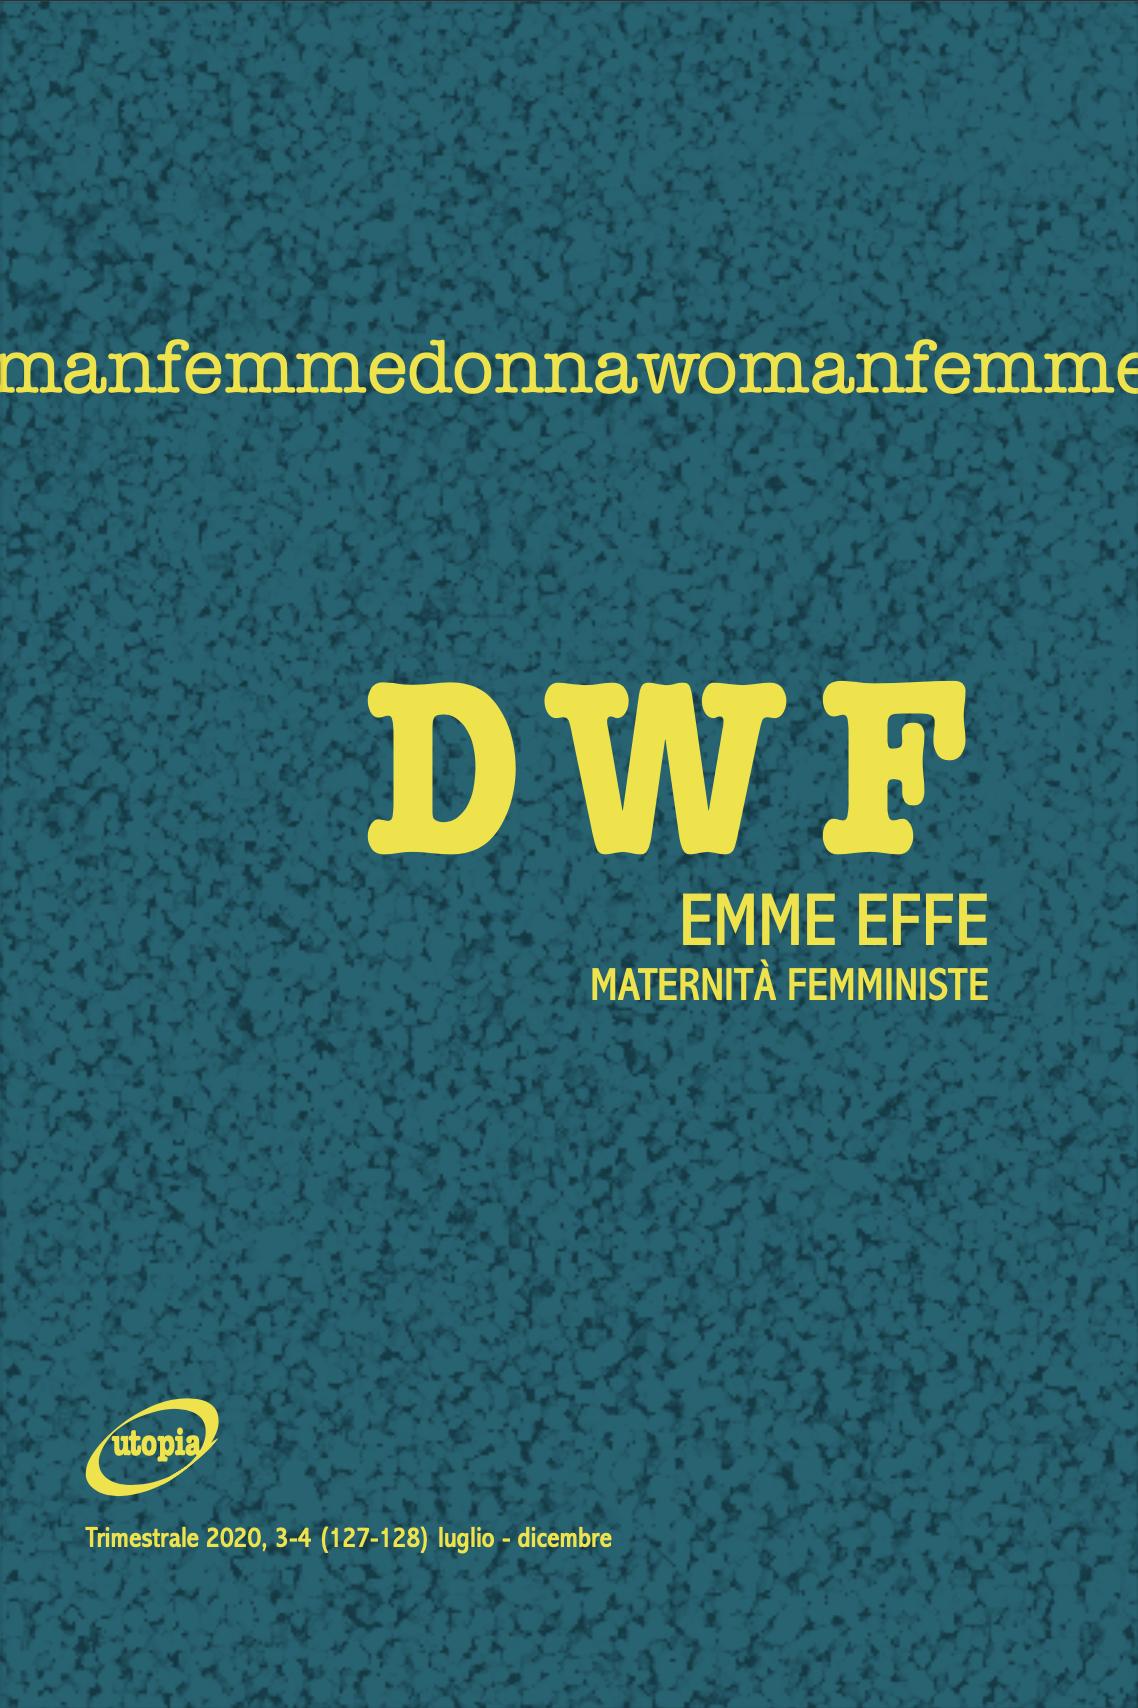 EMME EFFE. Maternità femministe, DWF (127-128) 2020, 3-4